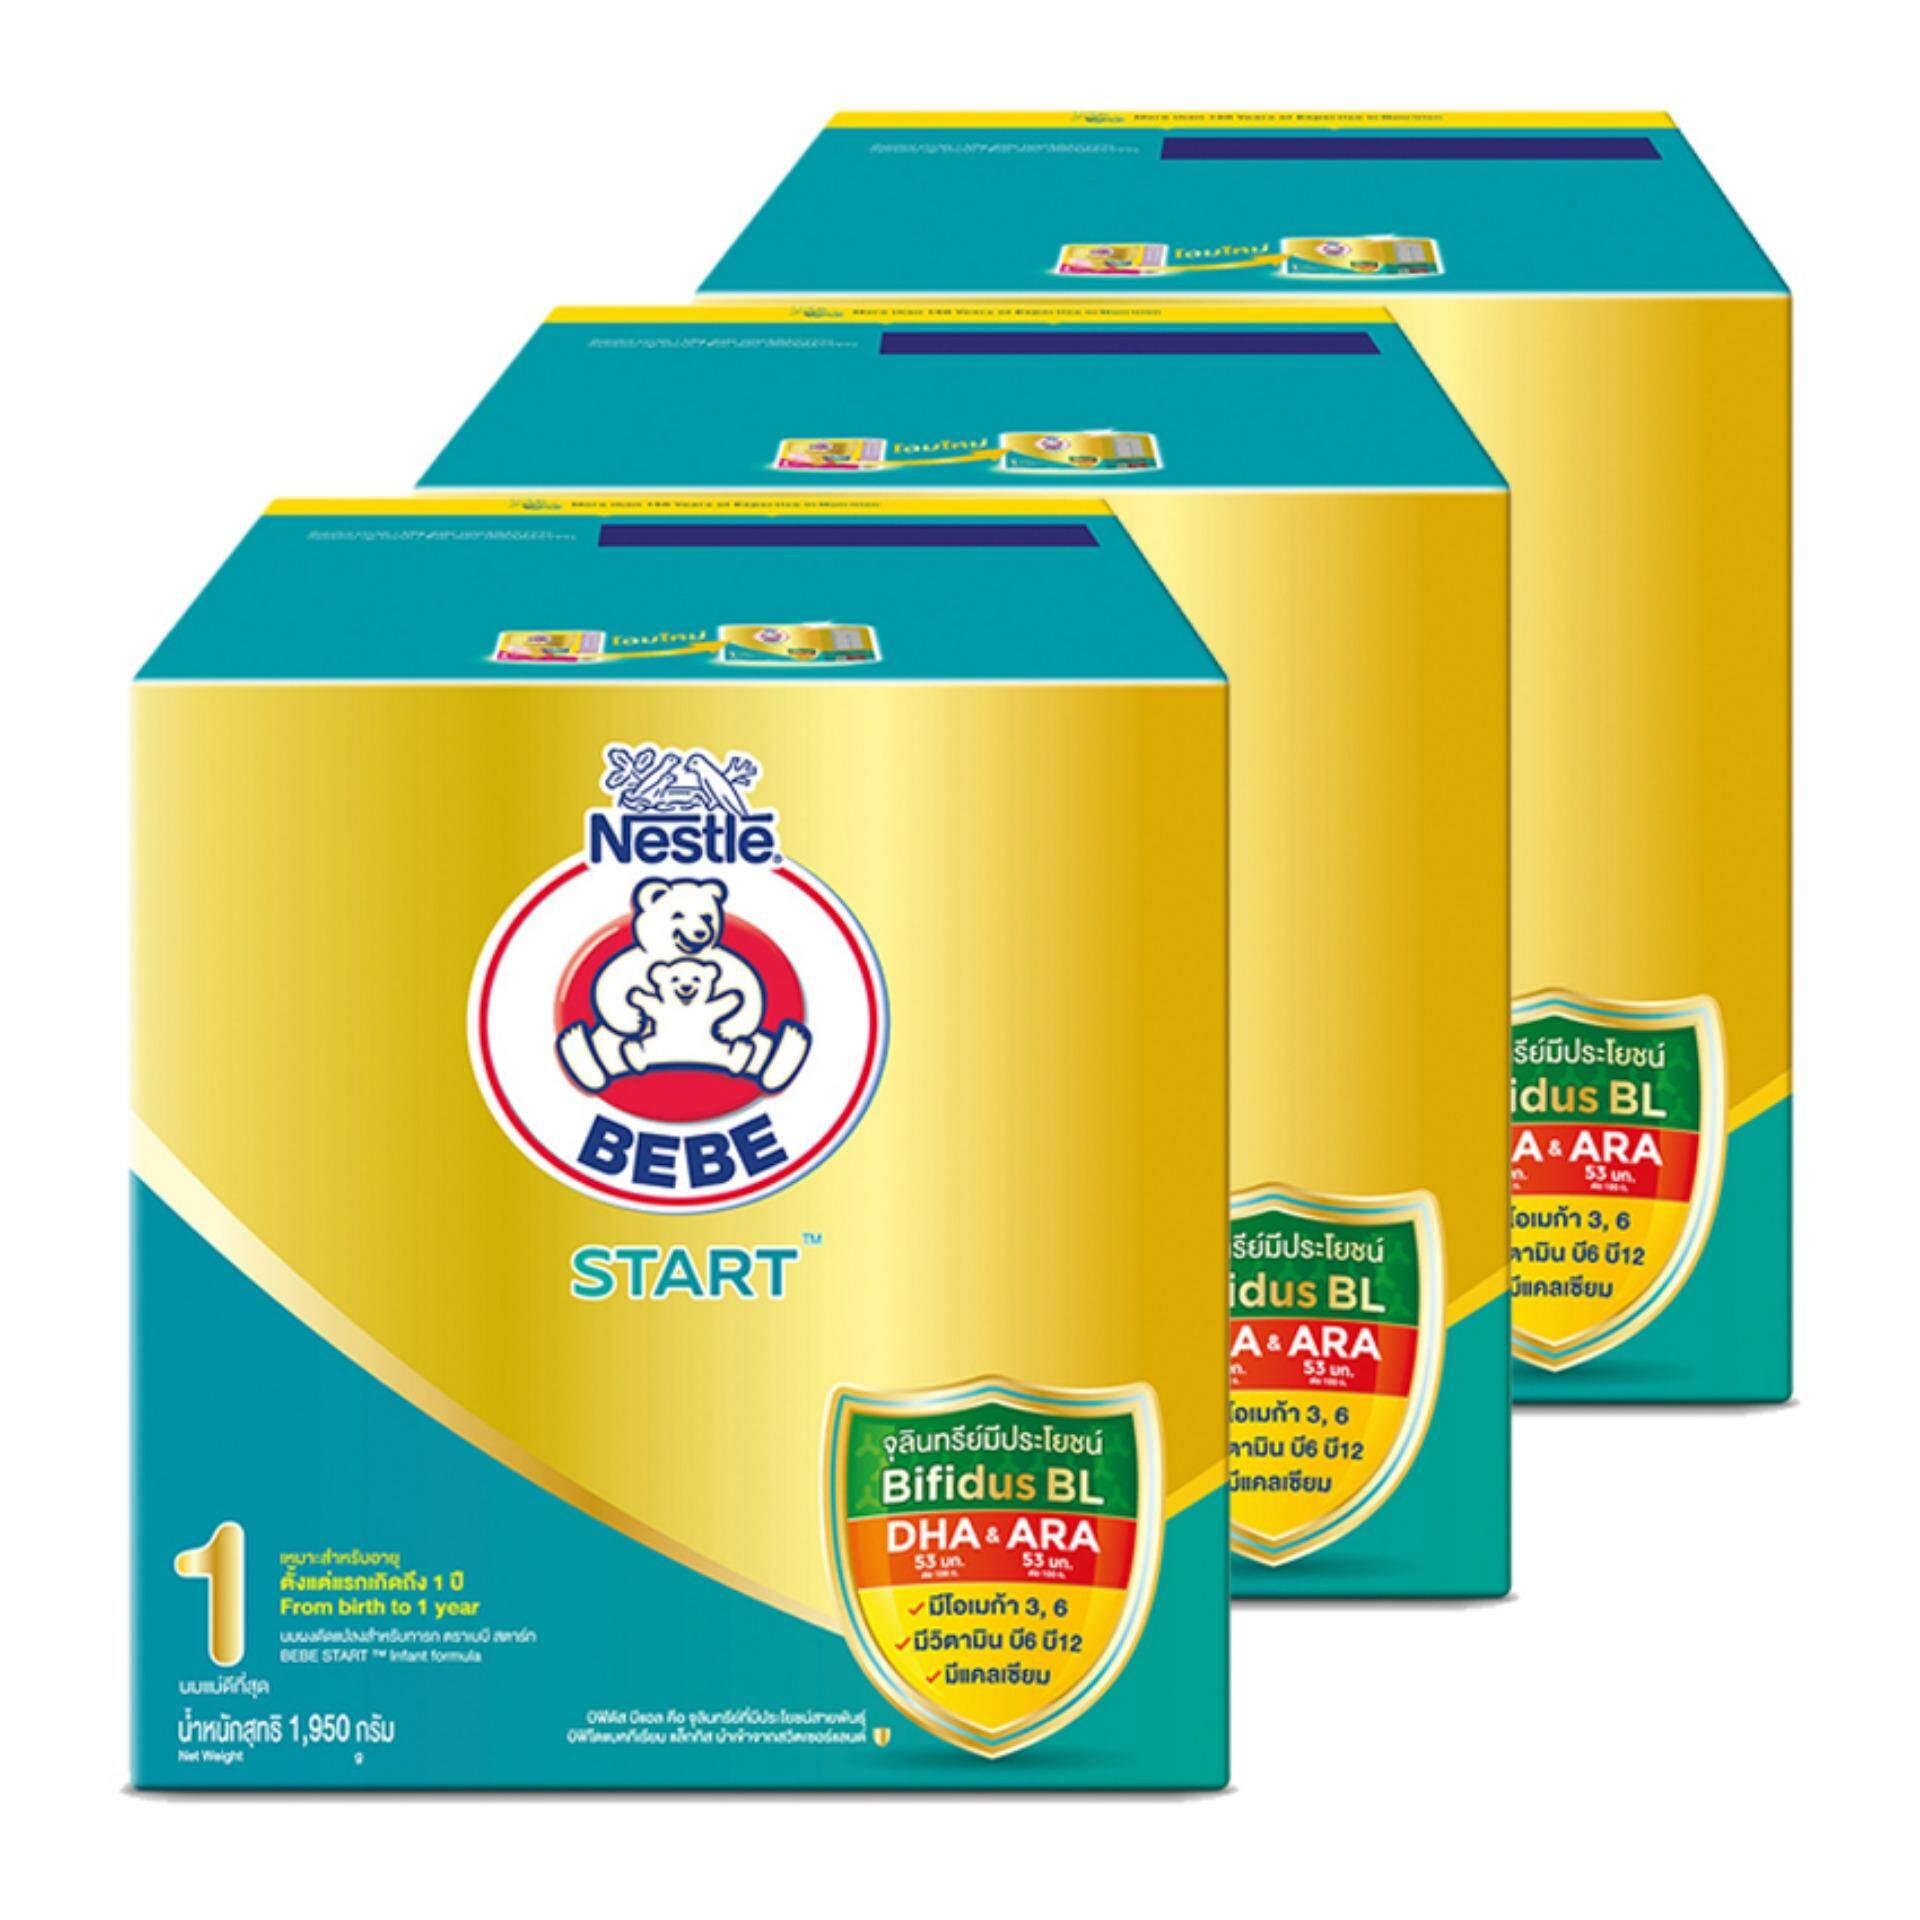 ต้องการซื้อ NESTLE BEBE เนสท์เล่ เบบี นมผงสำหรับเด็ก ช่วงวัยที่ 1 แอดวานซ์สตาร์ท 1950 กรัม (ทั้งหมด 3 กล่อง) สำหรับขาย ของแท้